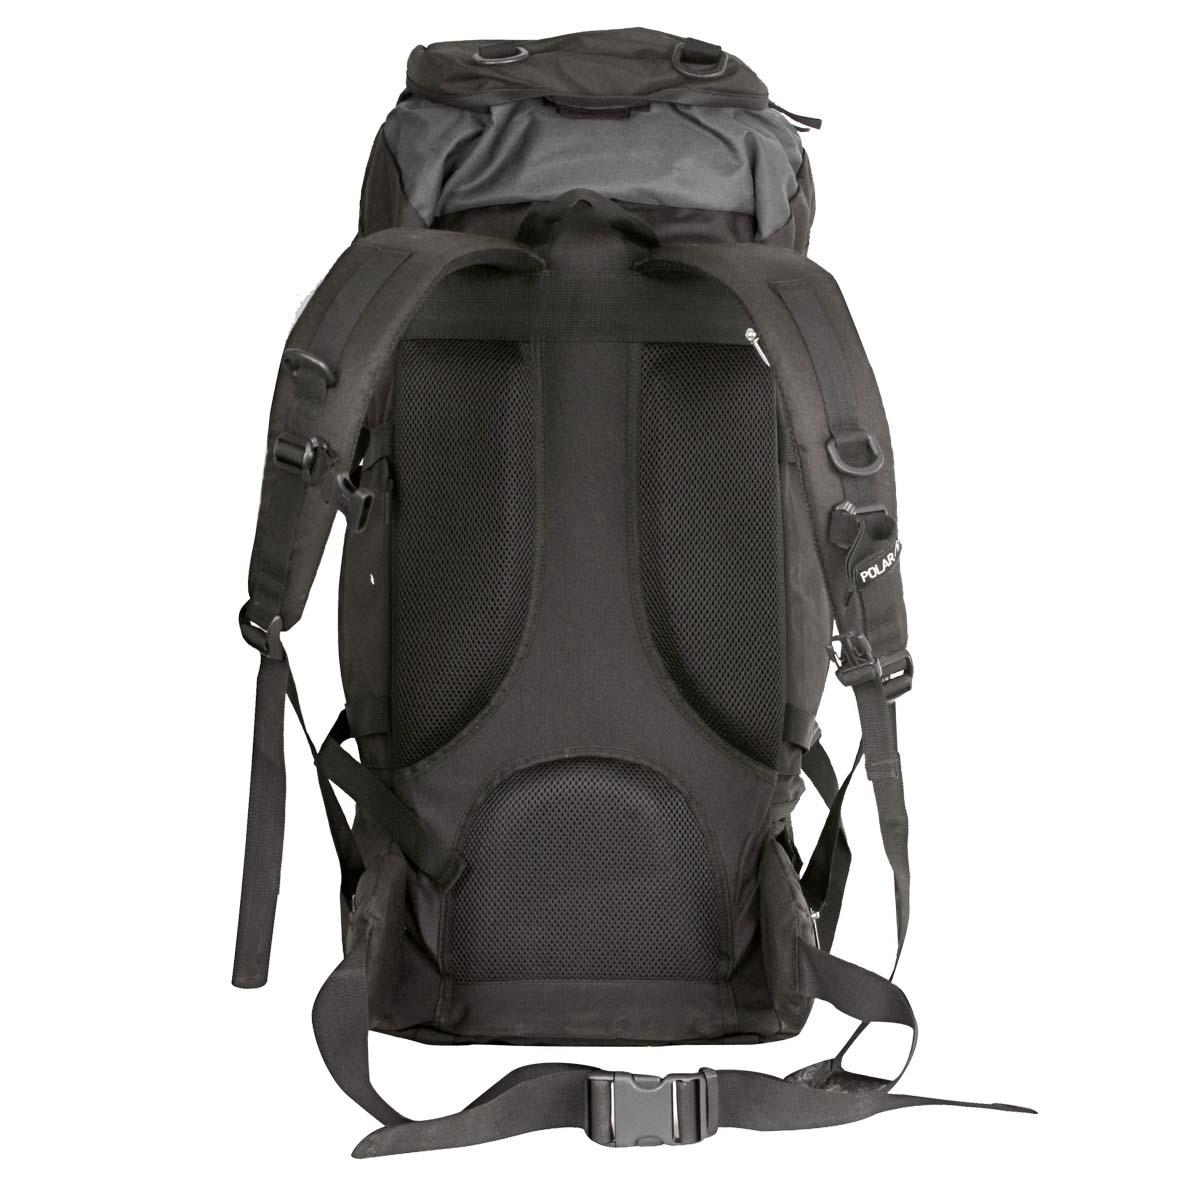 Рюкзак экспедиционный Polar, 50 л, цвет: черный. П931-05